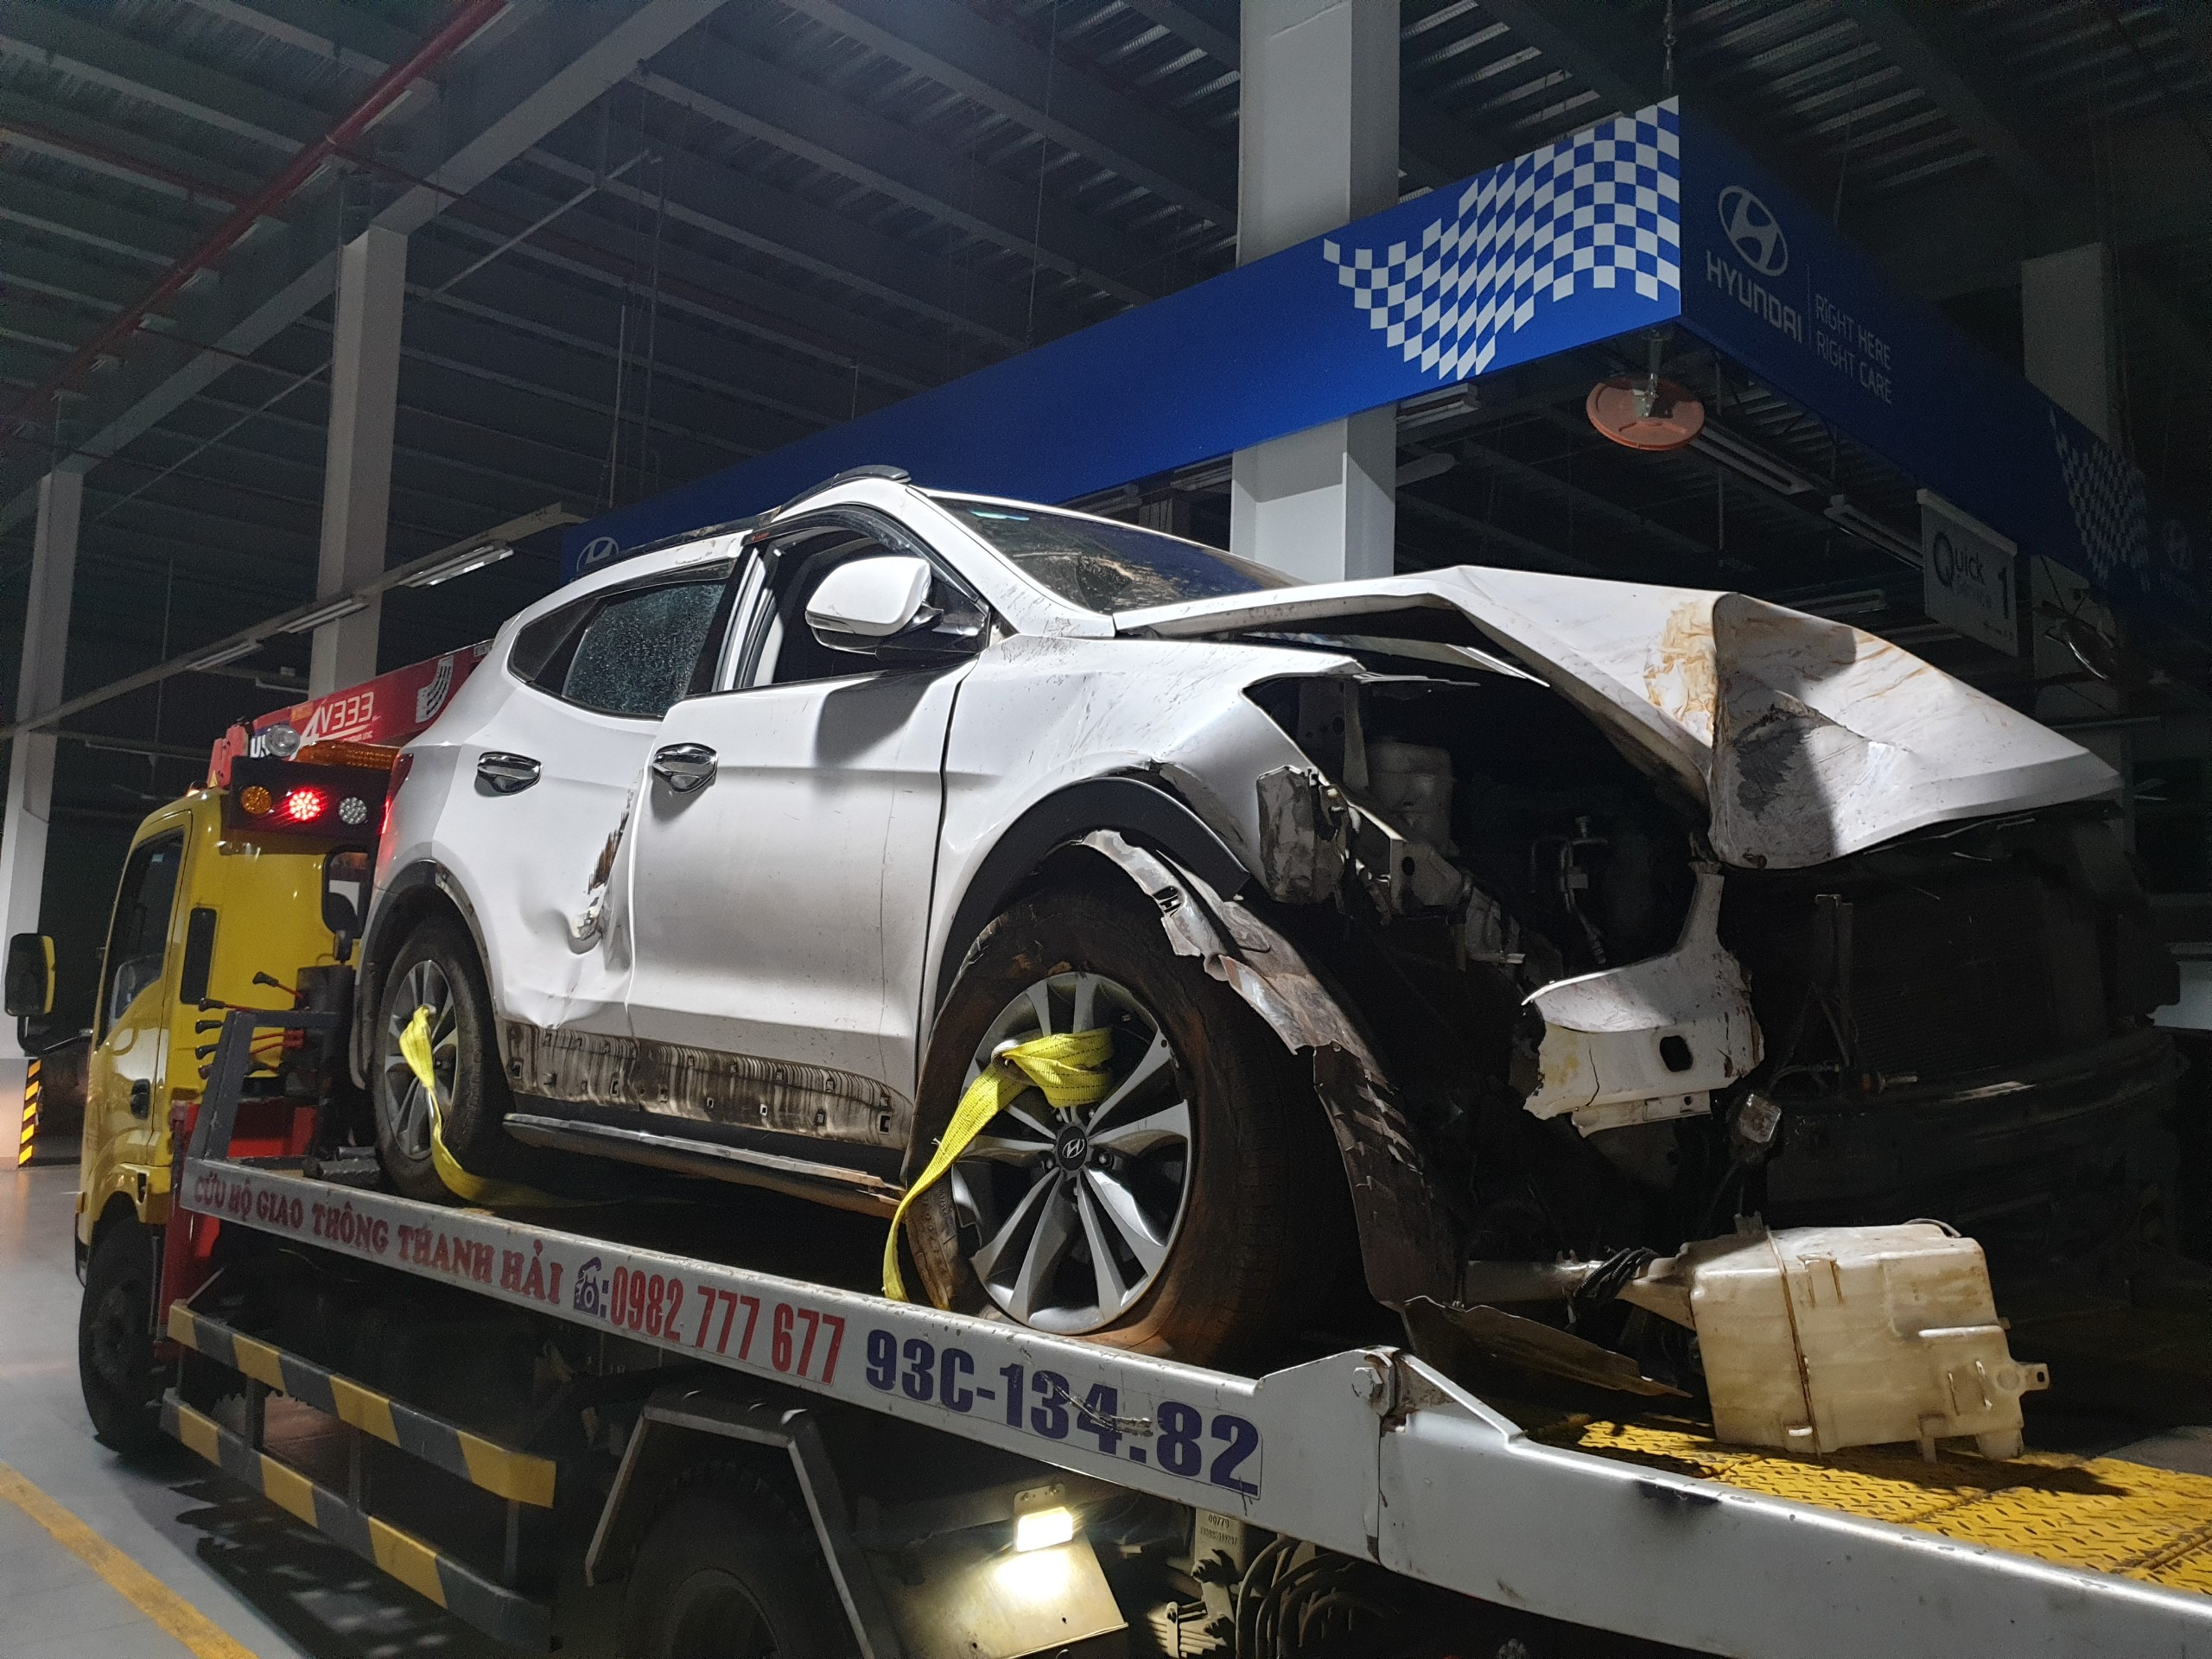 phí bảo hiểm trách nhiệm dân sự,tnds bắt buộc,bảo hiểm bắt buộc oto,bao hiem trach nhiem dan su xe oto,phí bảo hiểm tnds ô tô,phí bảo hiểm bắt buộc xe ô tô,